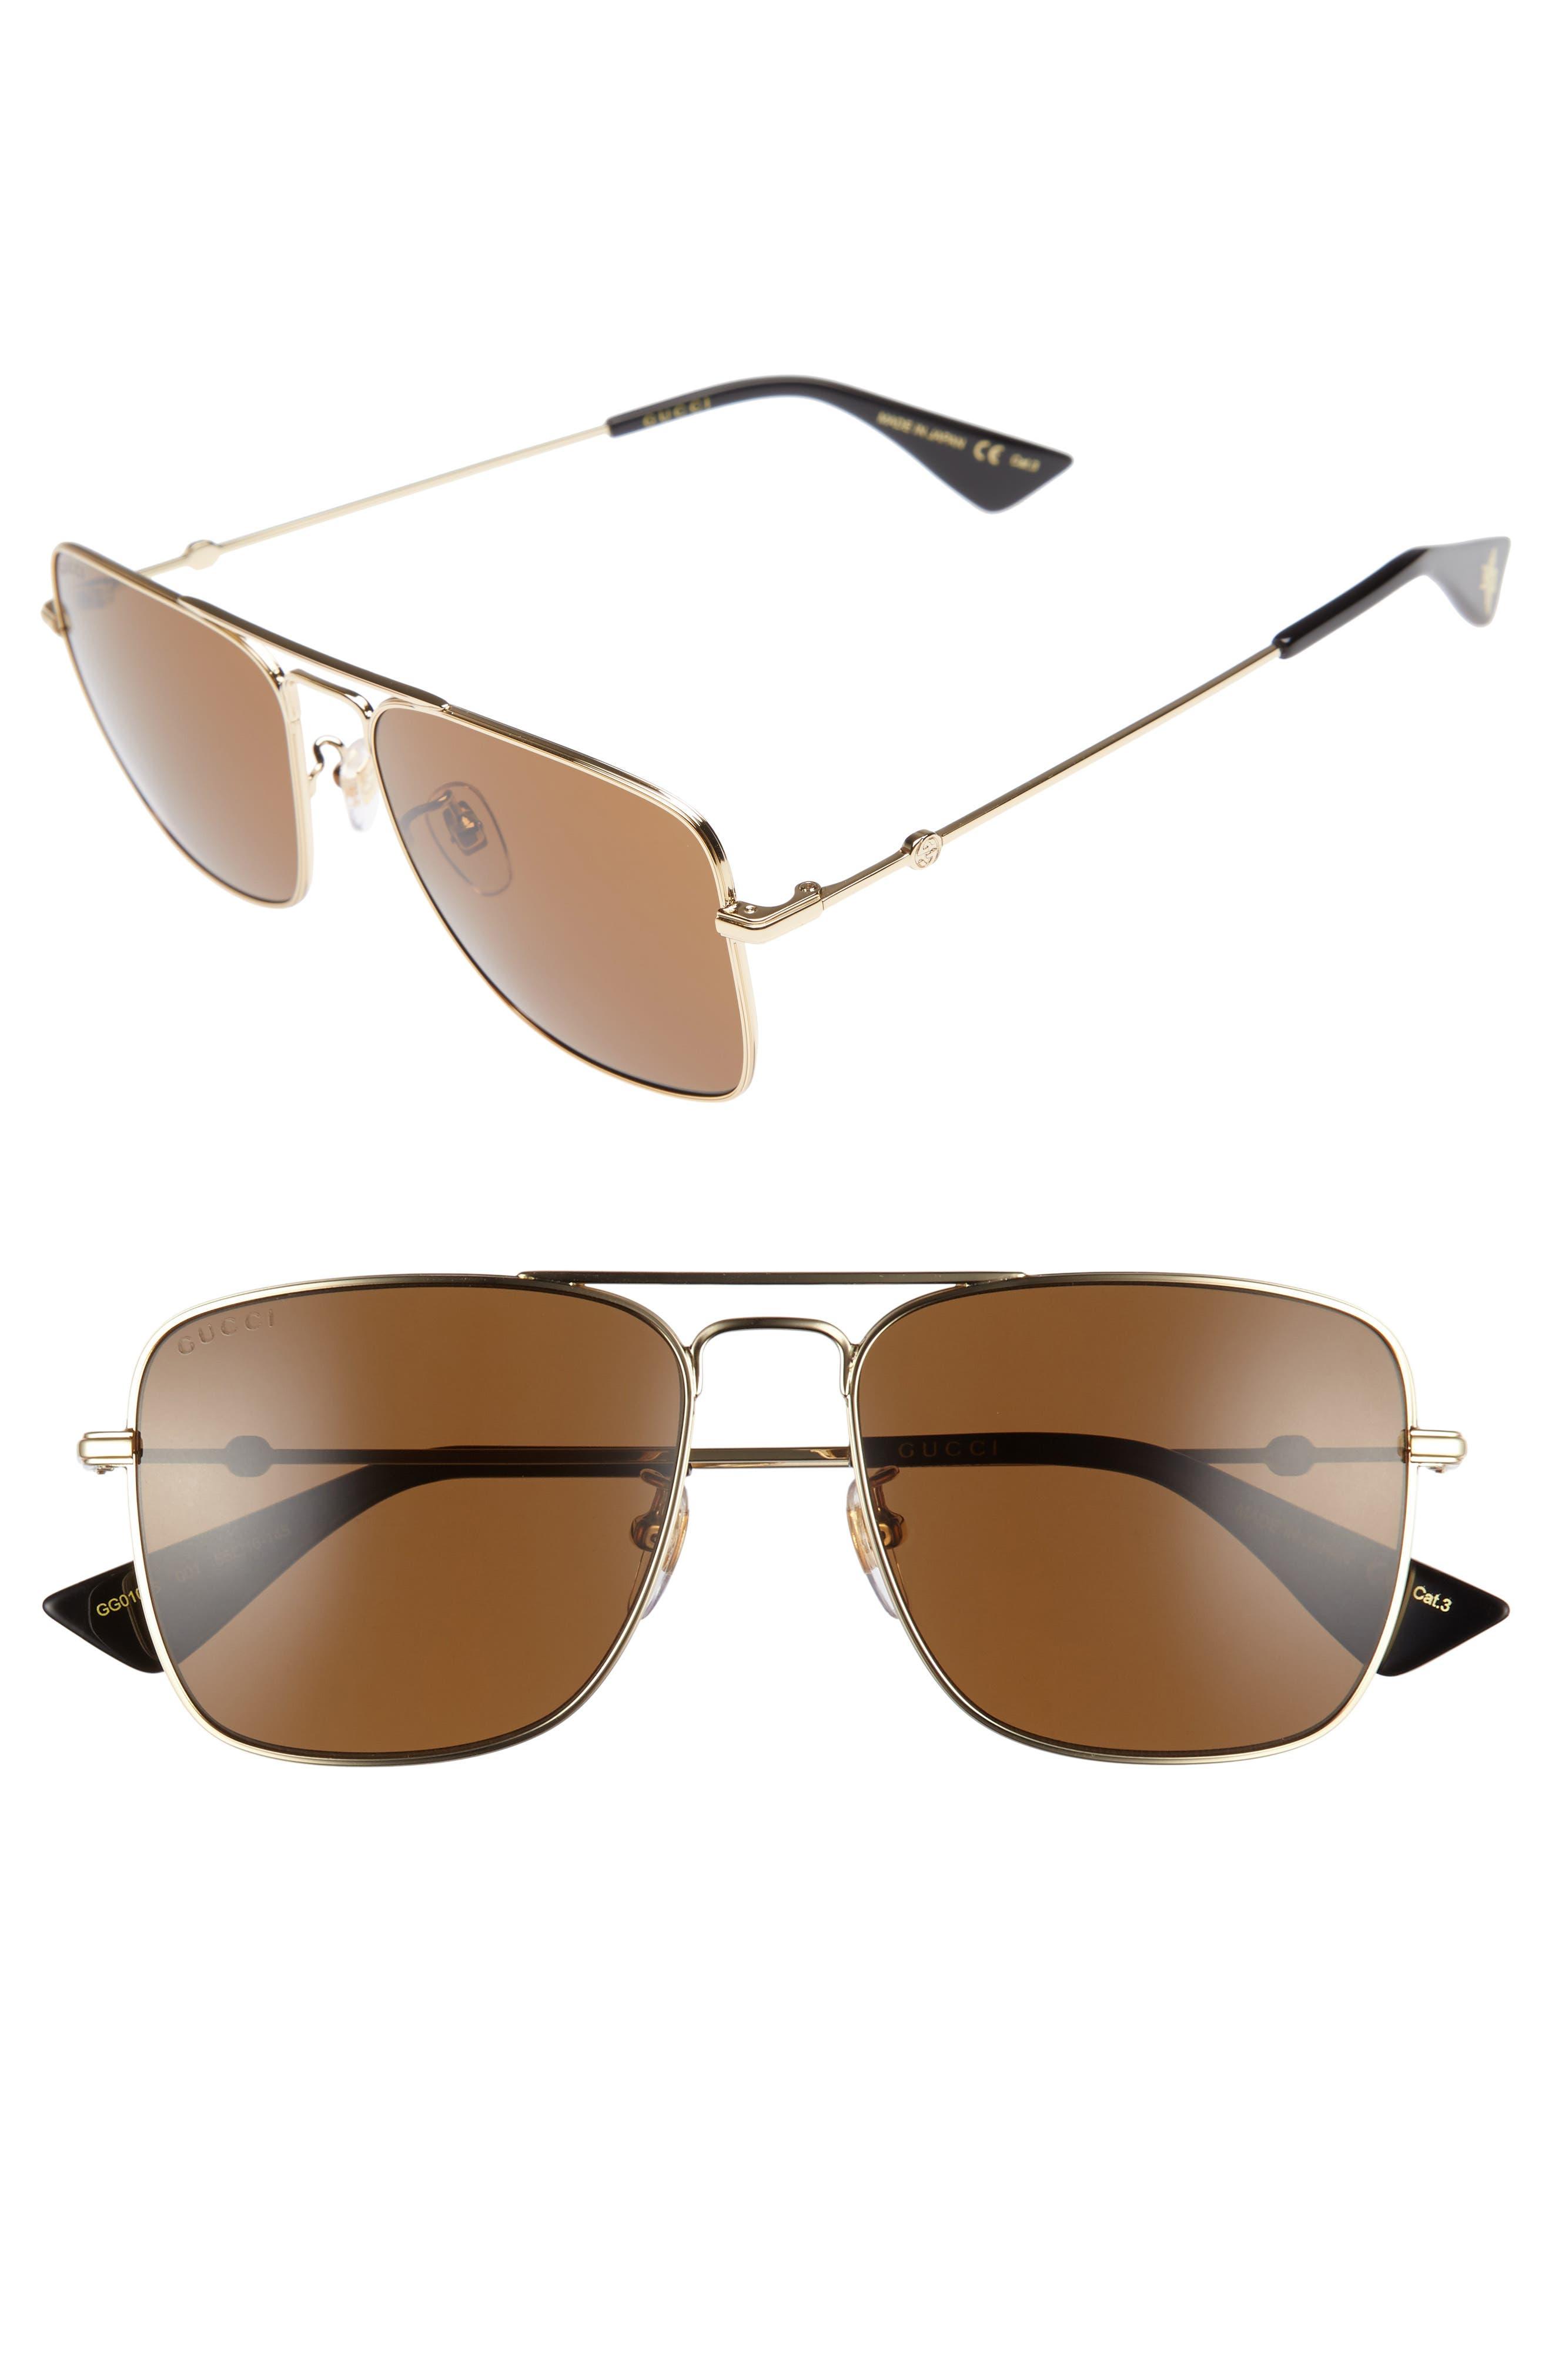 GUCCI Caravan 55mm Sunglasses